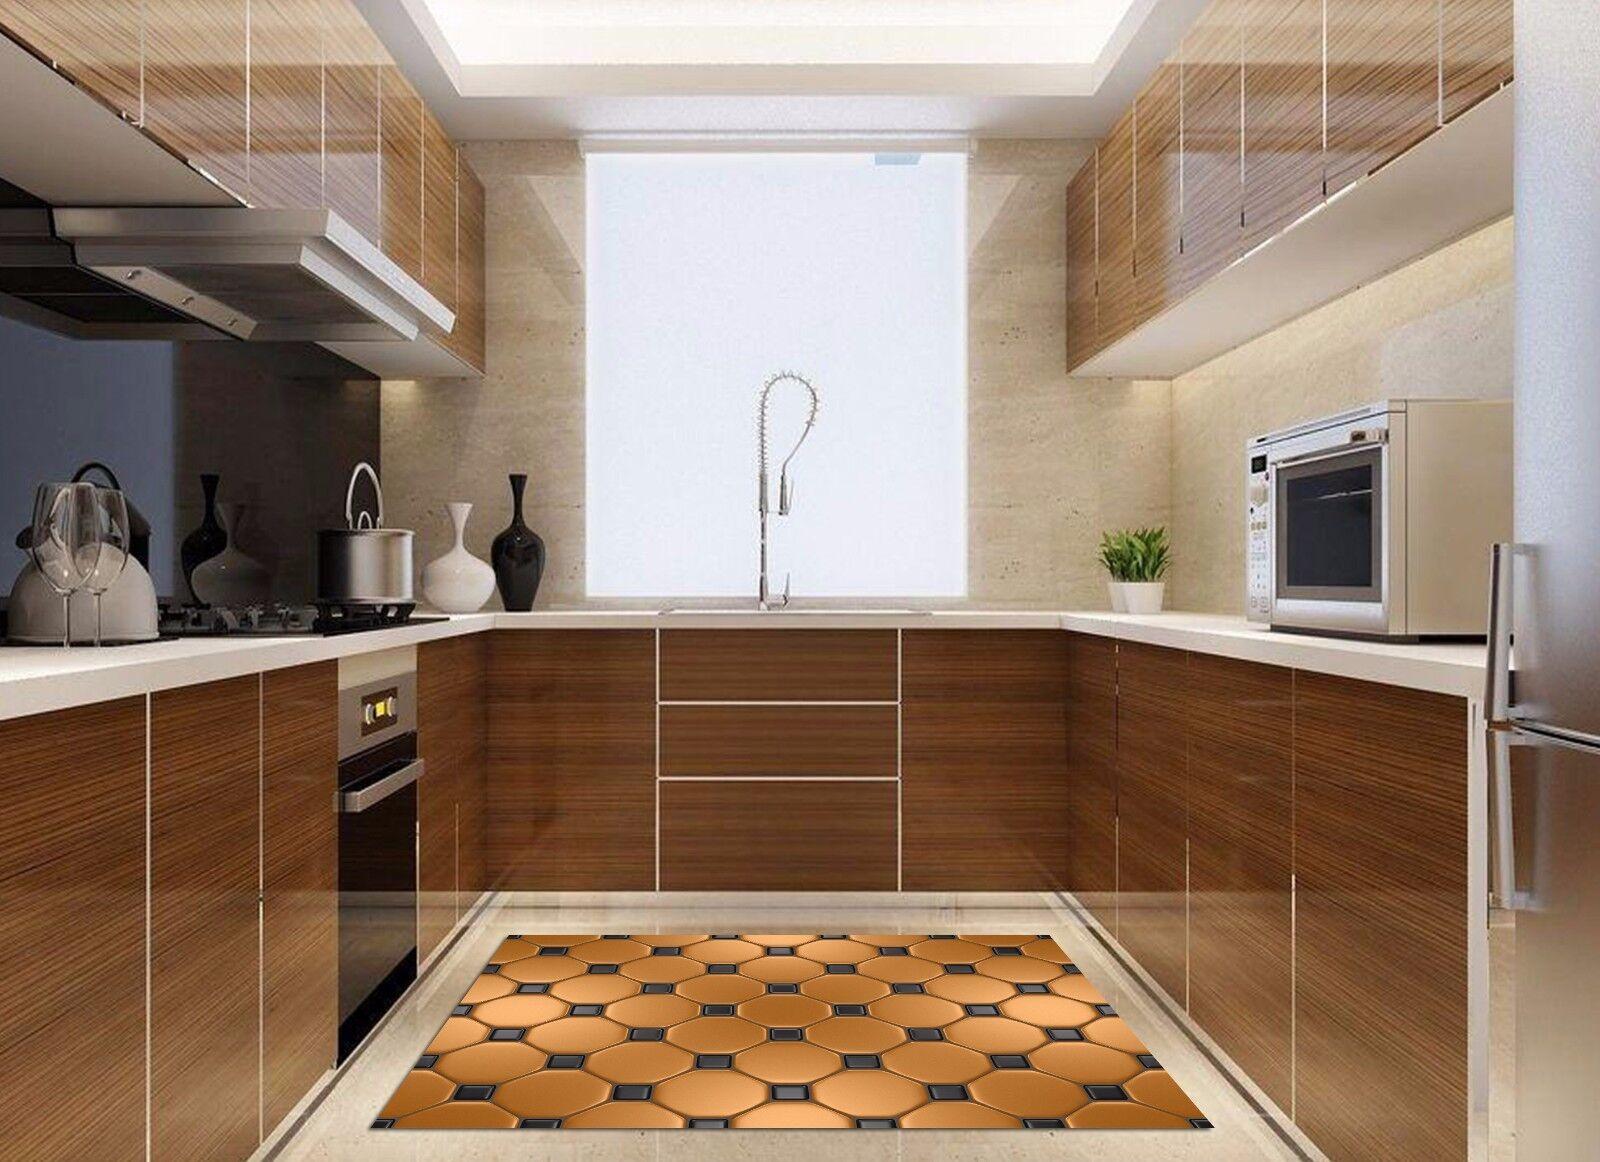 3D Golden Pattern2 Kitchen Mat Floor Murals Wall Print Wall AJ WALLPAPER UK Kyra